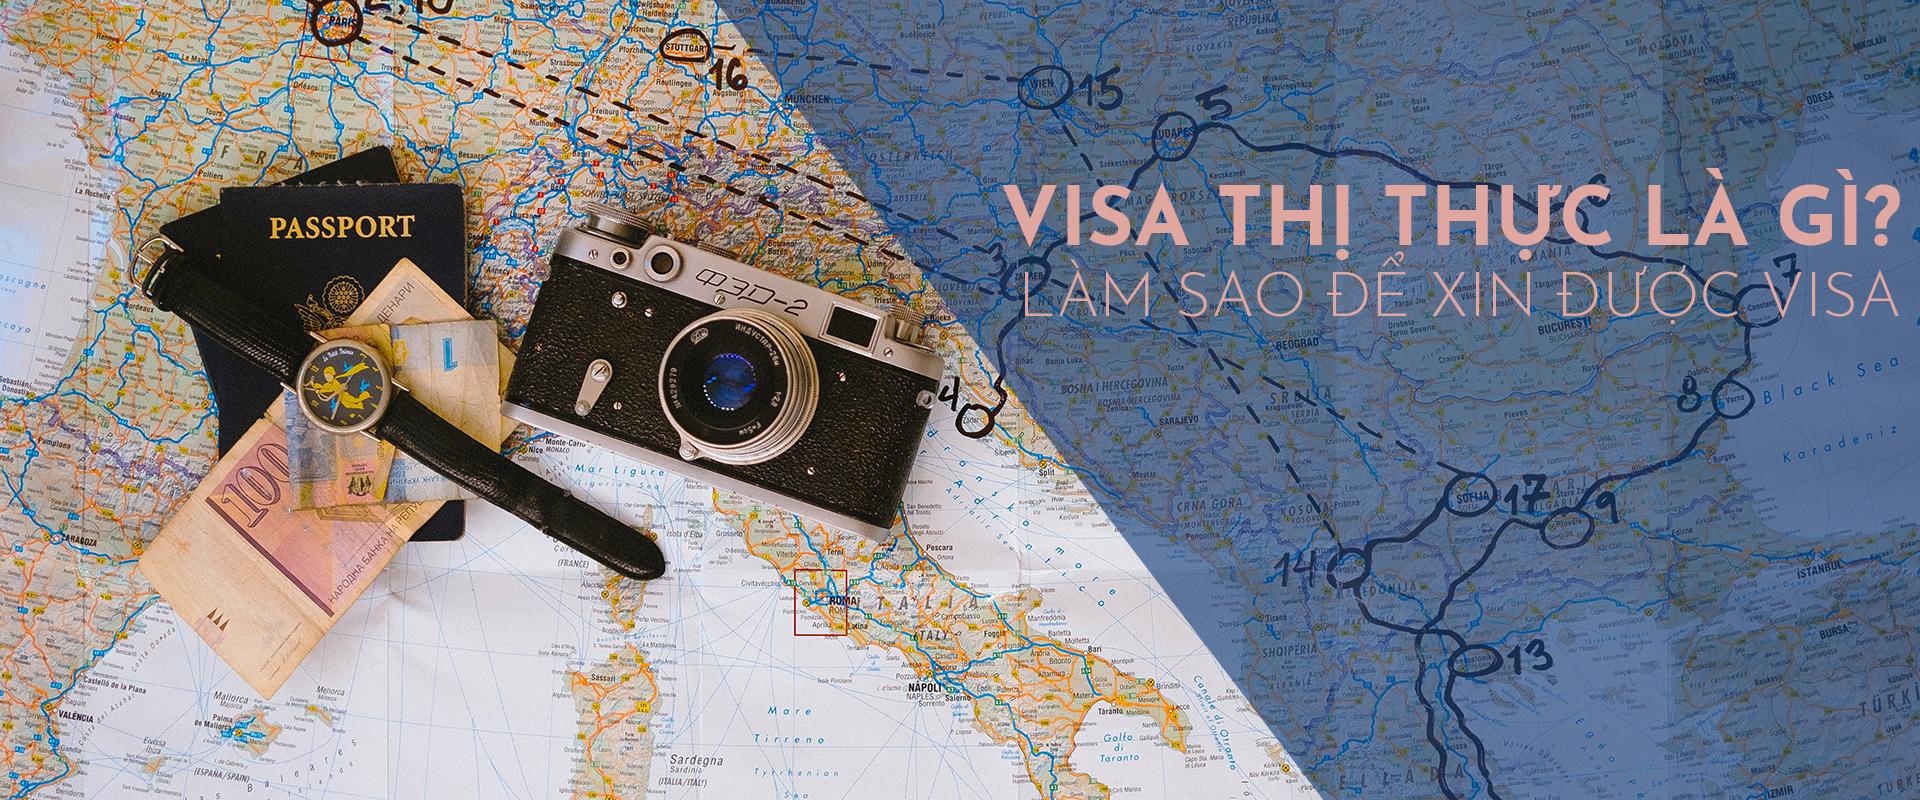 Visa (thị thực) là gì? Làm sao để xin được visa?